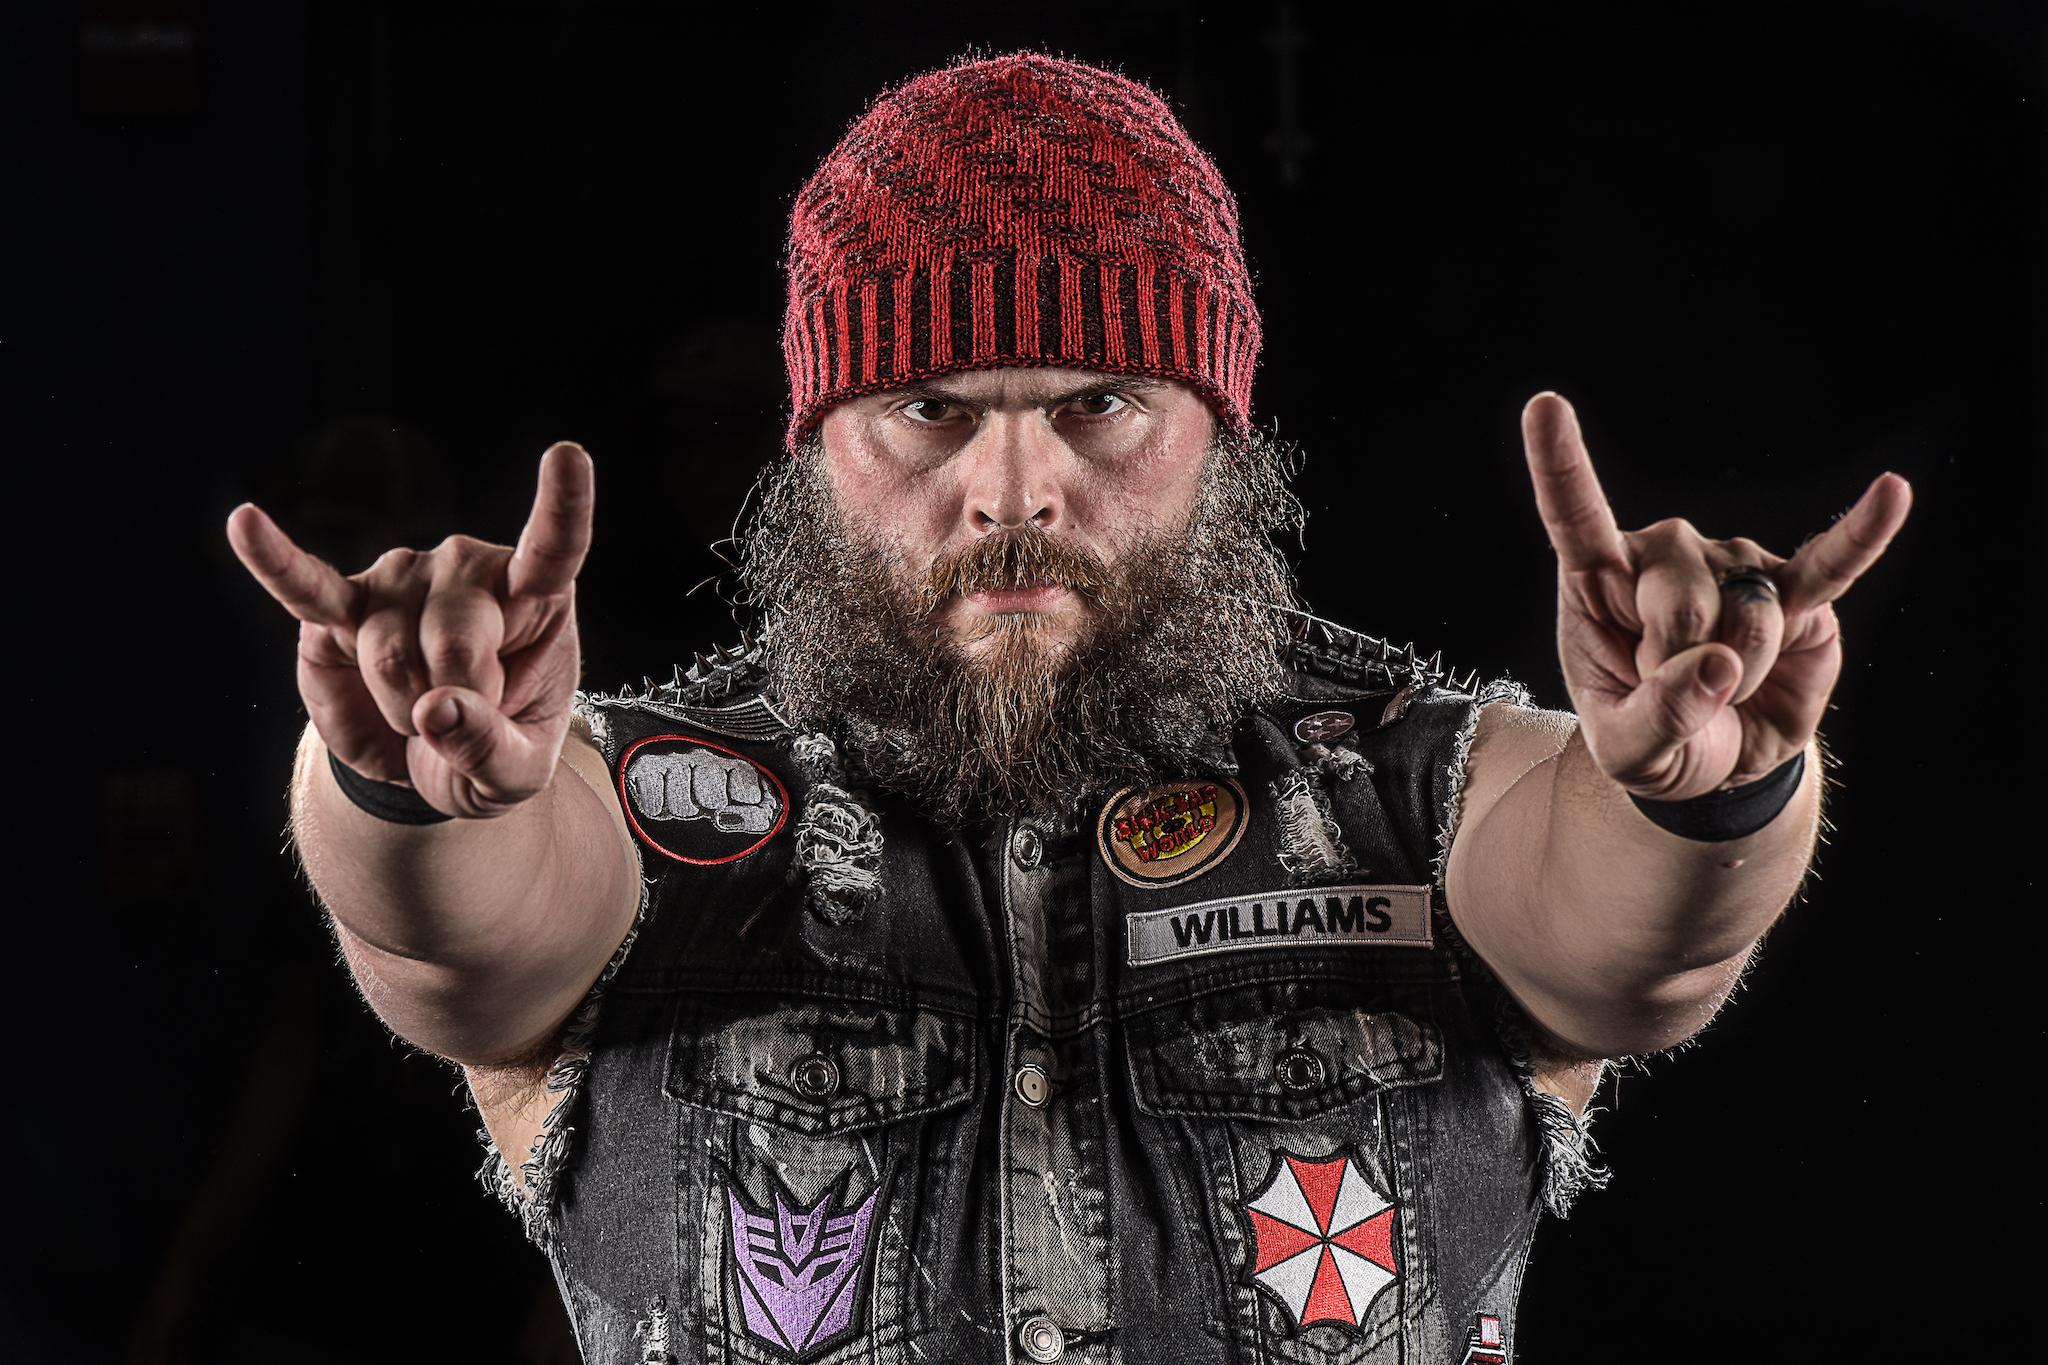 Talon Williams pro wrestler